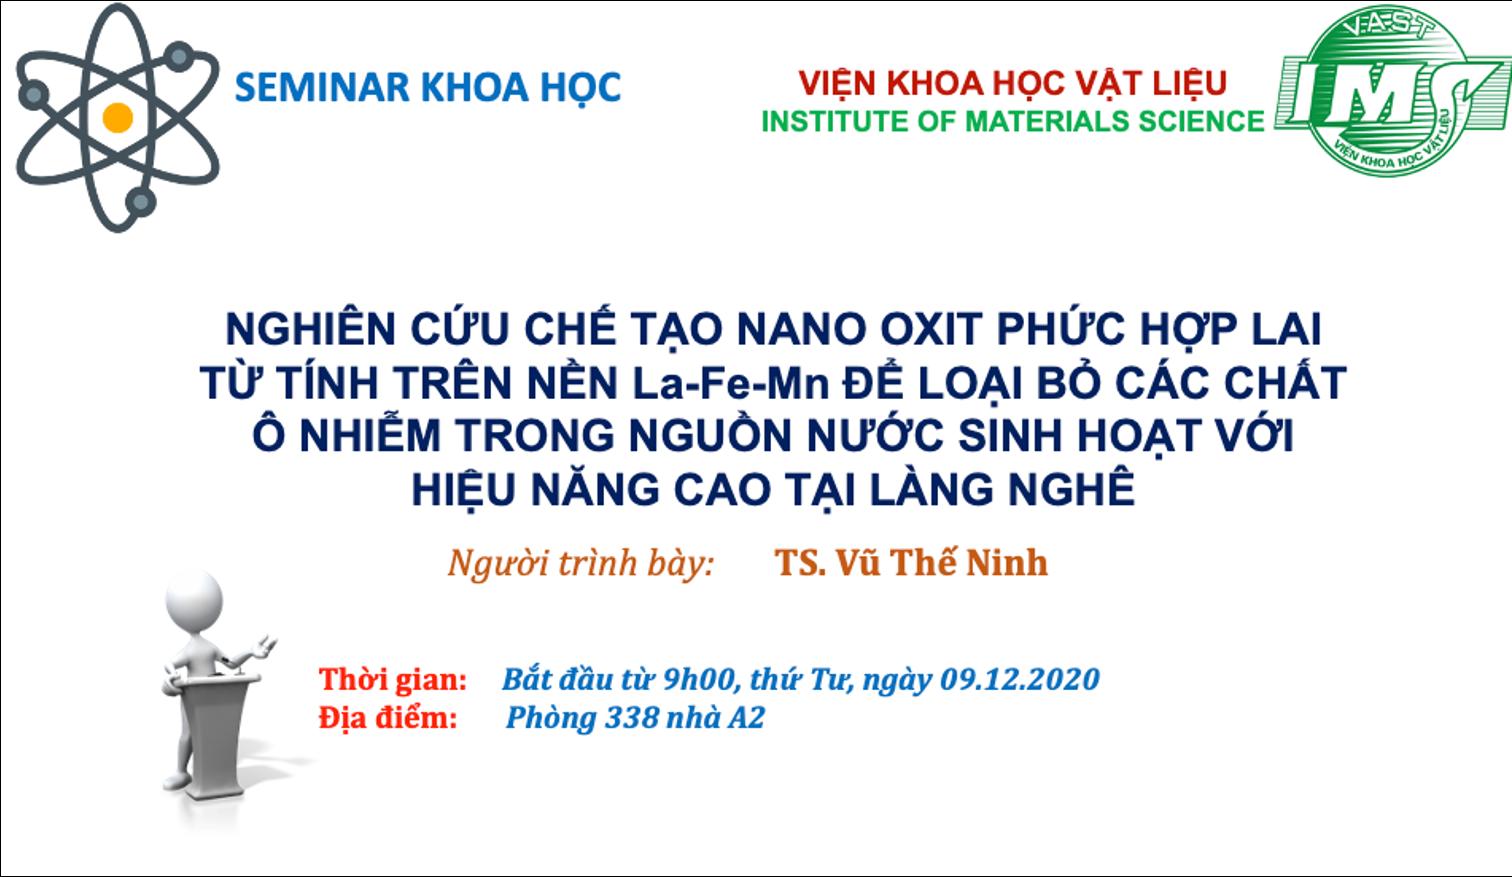 Seminar 09/12/2020 về chế tạo nano oxit phức hợp lai từ tính nền La-Fe-Mn để loại bỏ các chất ô nhiễm trong nguồn nước sinh hoạt